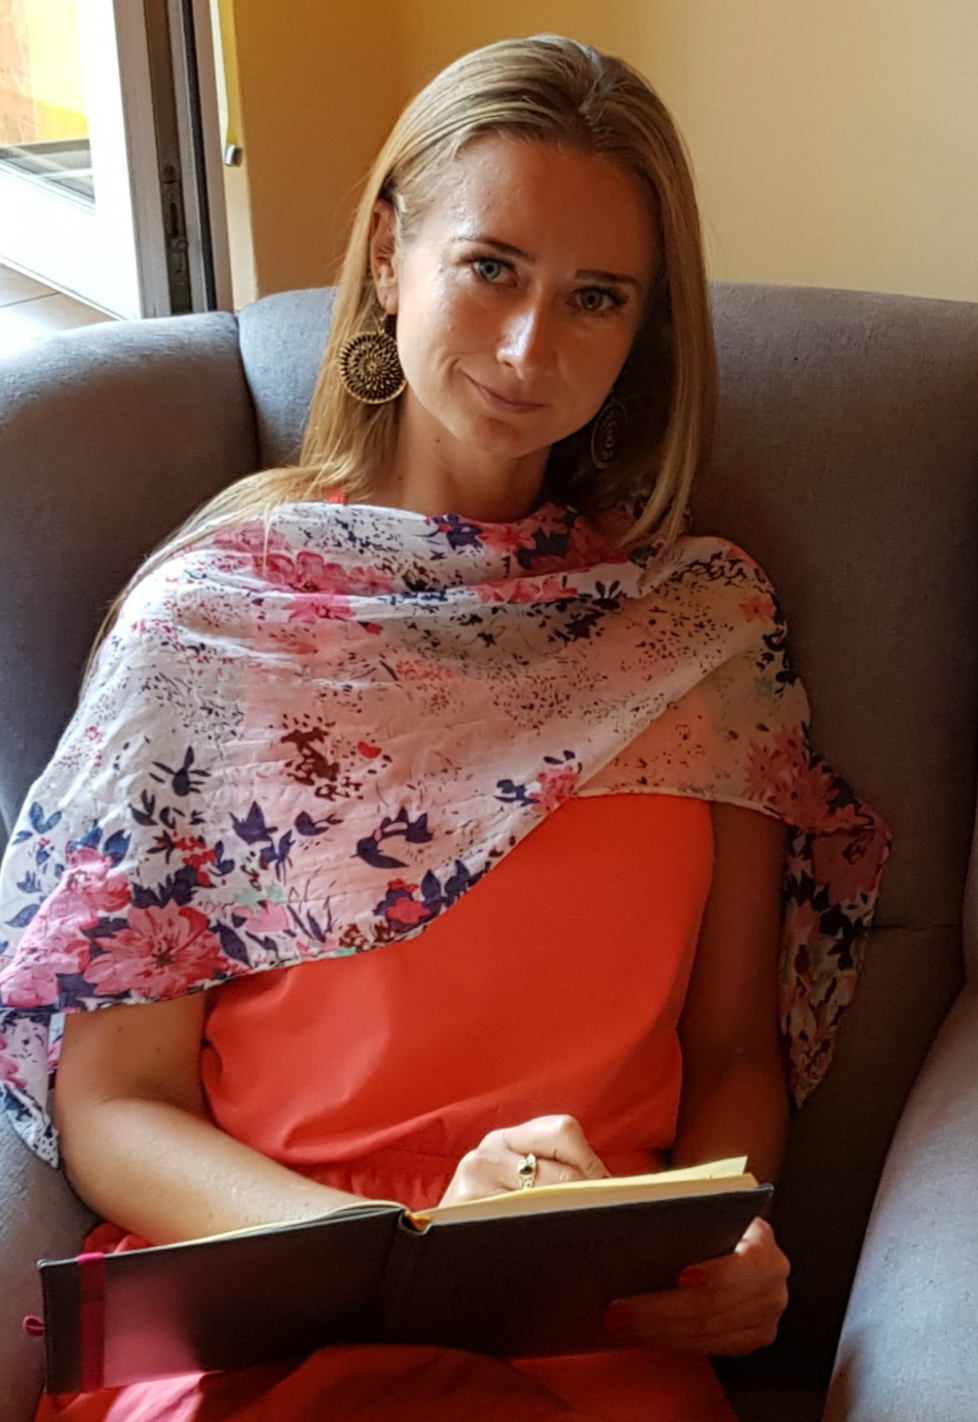 *Dr Dagmara Mrozowska - pracownik Wydziału Nauk Społecznych Instytutu Nauk Politycznych i Dziennikarstwa Uniwersytetu Śląskiego w Katowicach, politolog, psycholog, pedagog, badaczka kultury i zagłady Romów, członek Rady Naukowej Instytutu Pamięci i Dziedzictwa Romów oraz Ofiar Holokaustu.